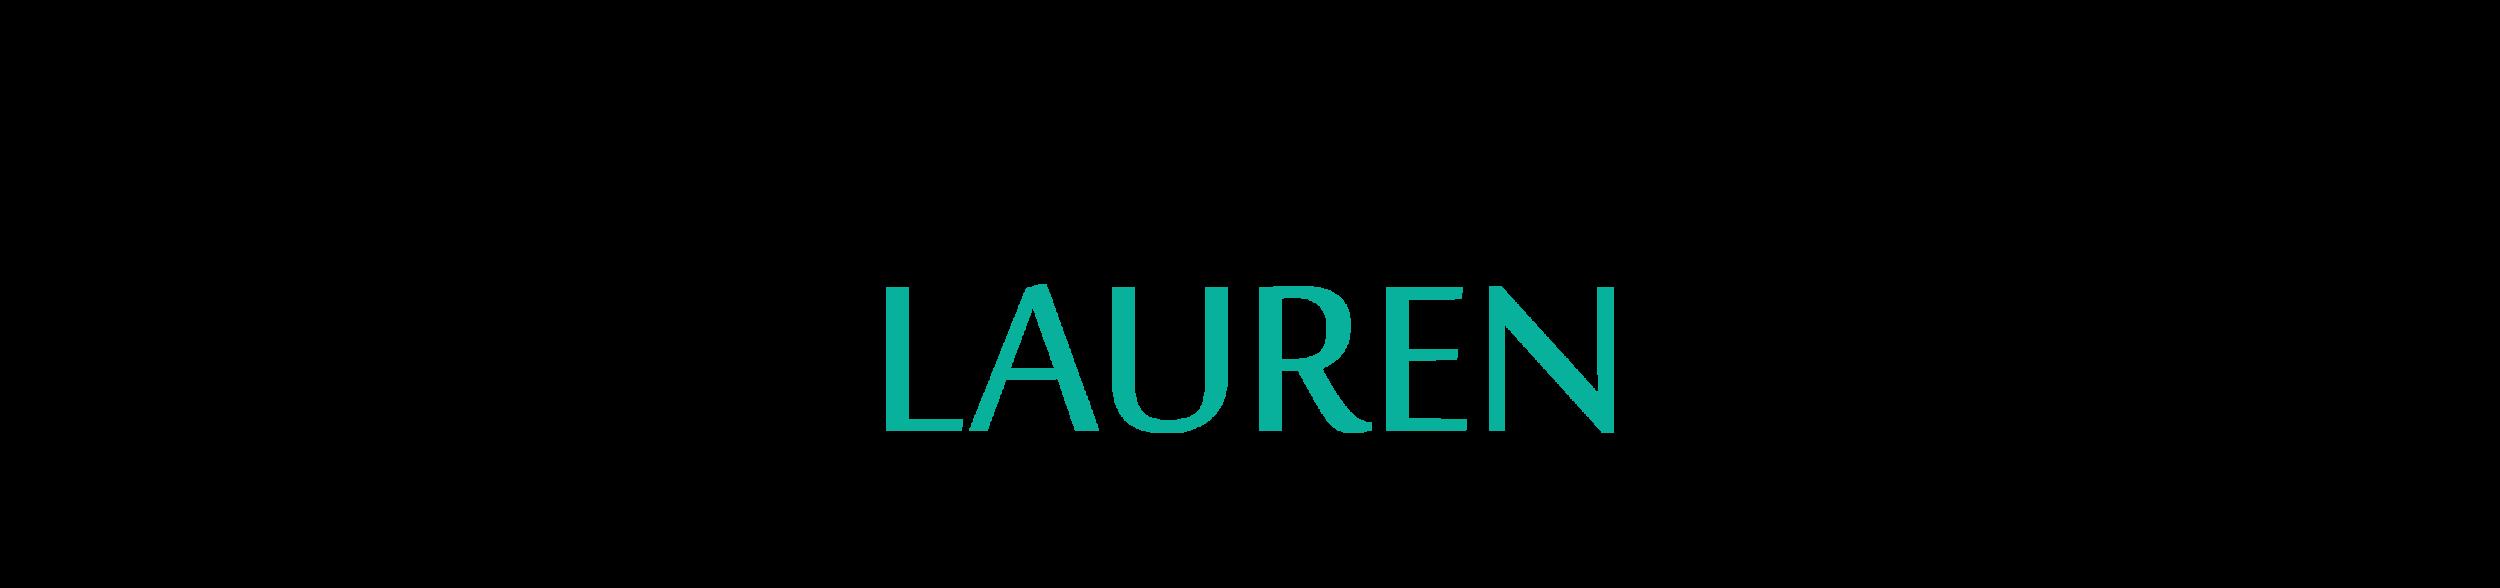 AboutLauren-01 copy.png